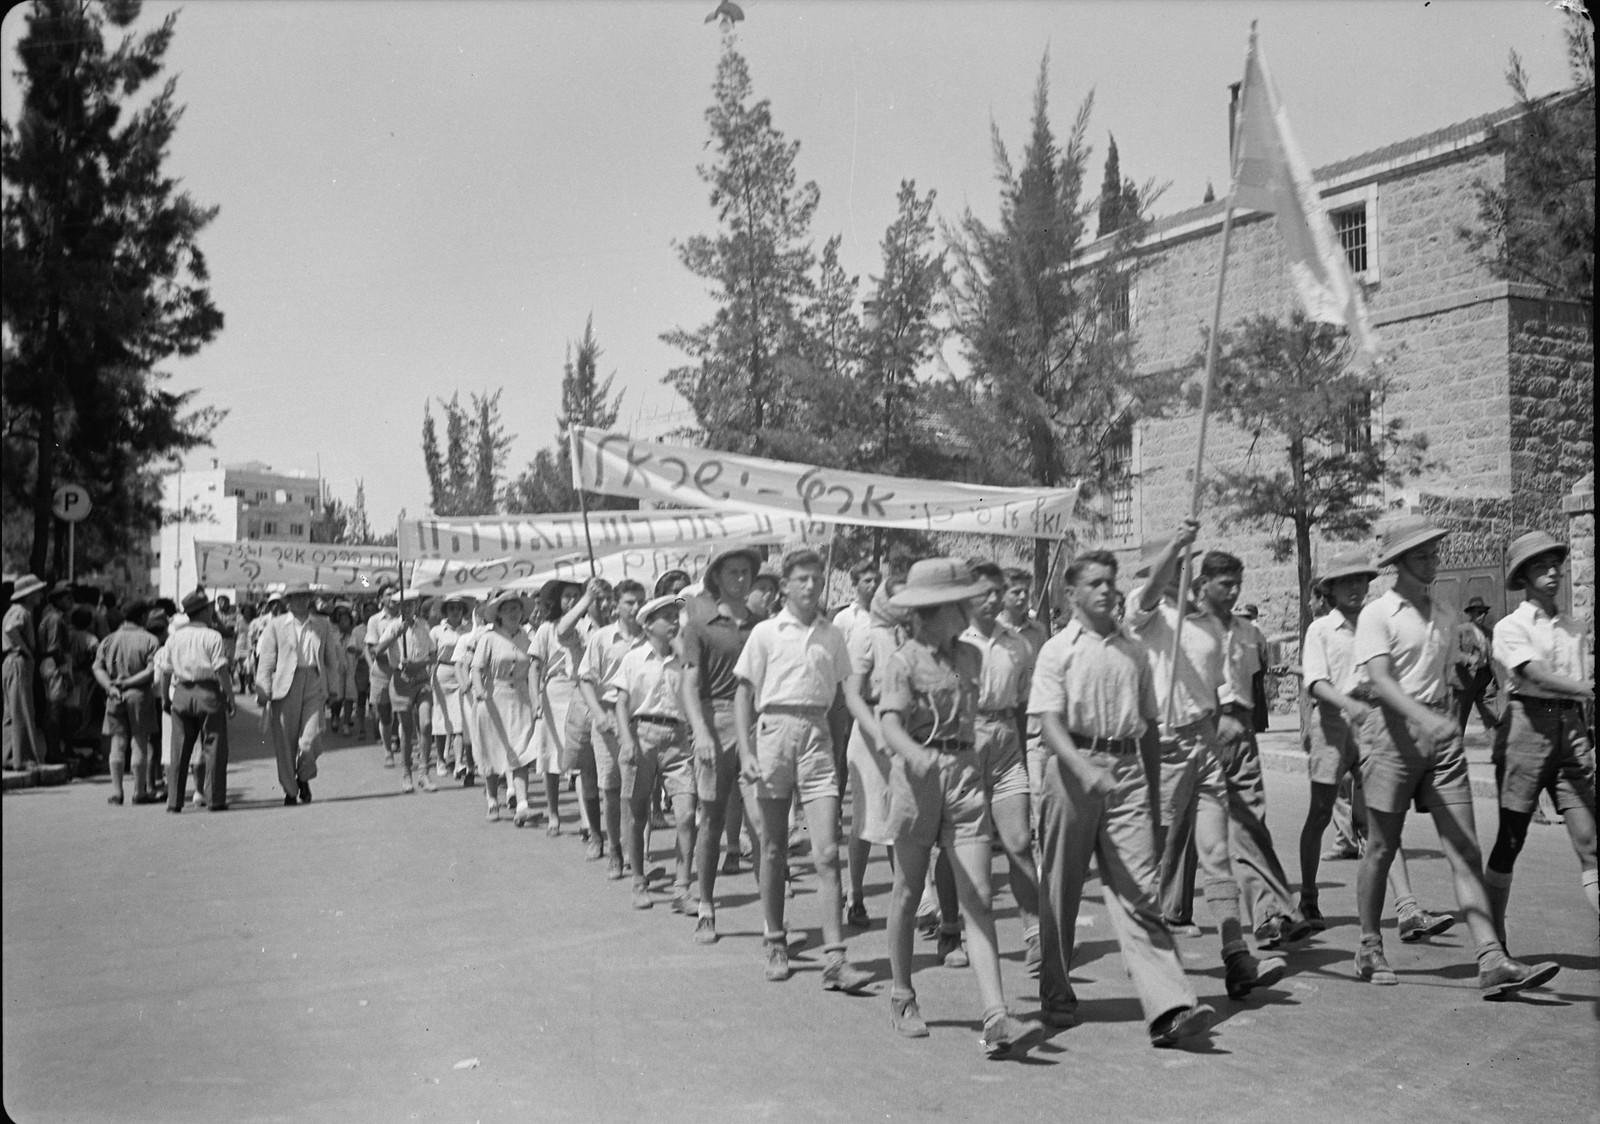 07. Юноши и девушки во время демонстрации на улице Кинг Джордж